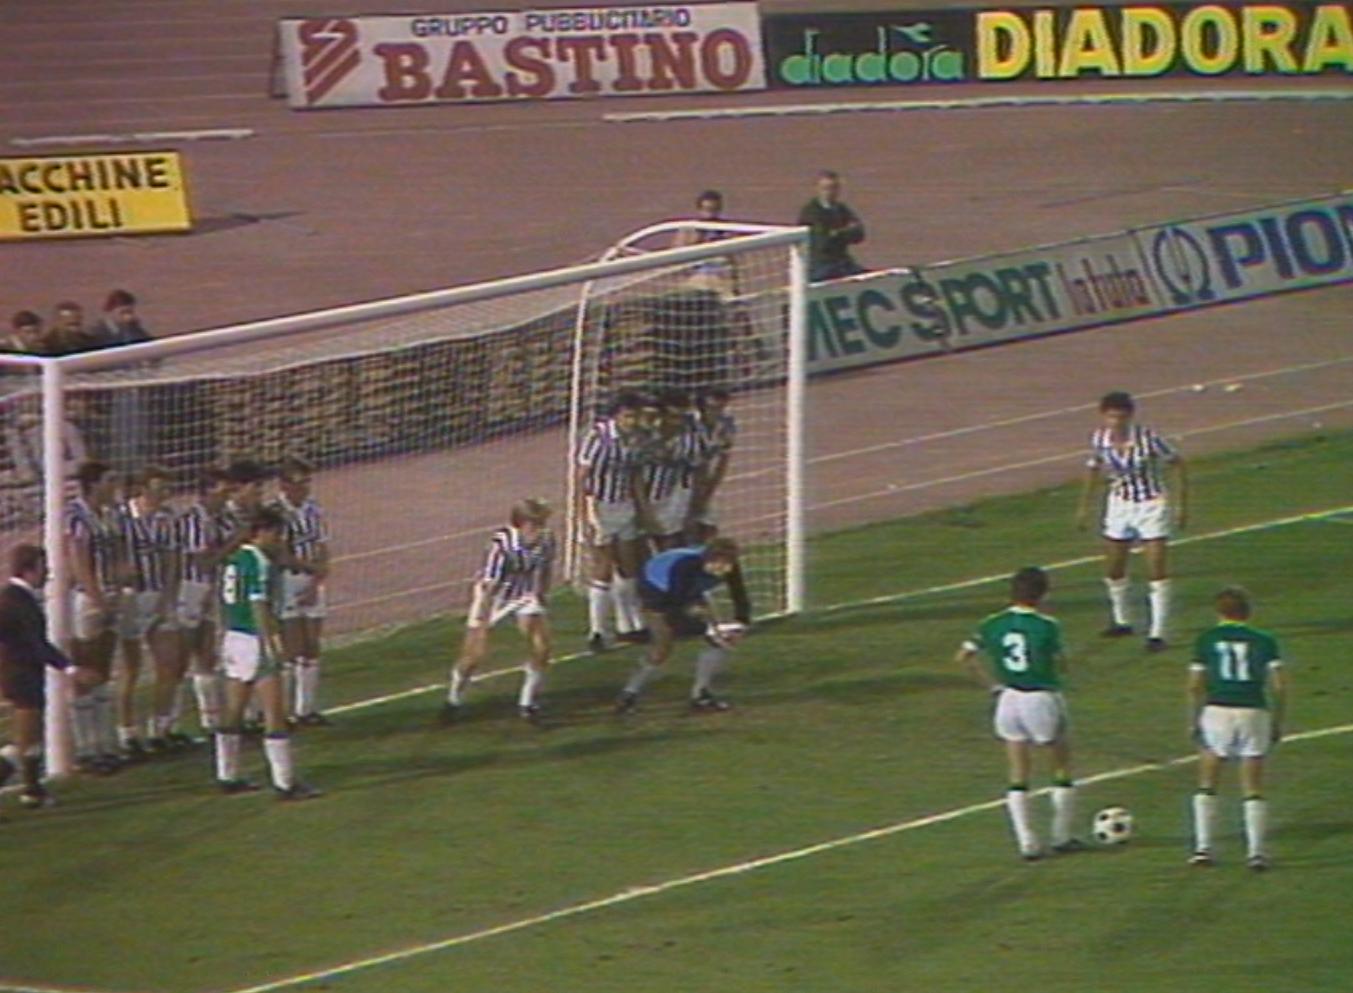 Juventus Turyn - Lechia Gdańsk 7:0 (14.09.1983)